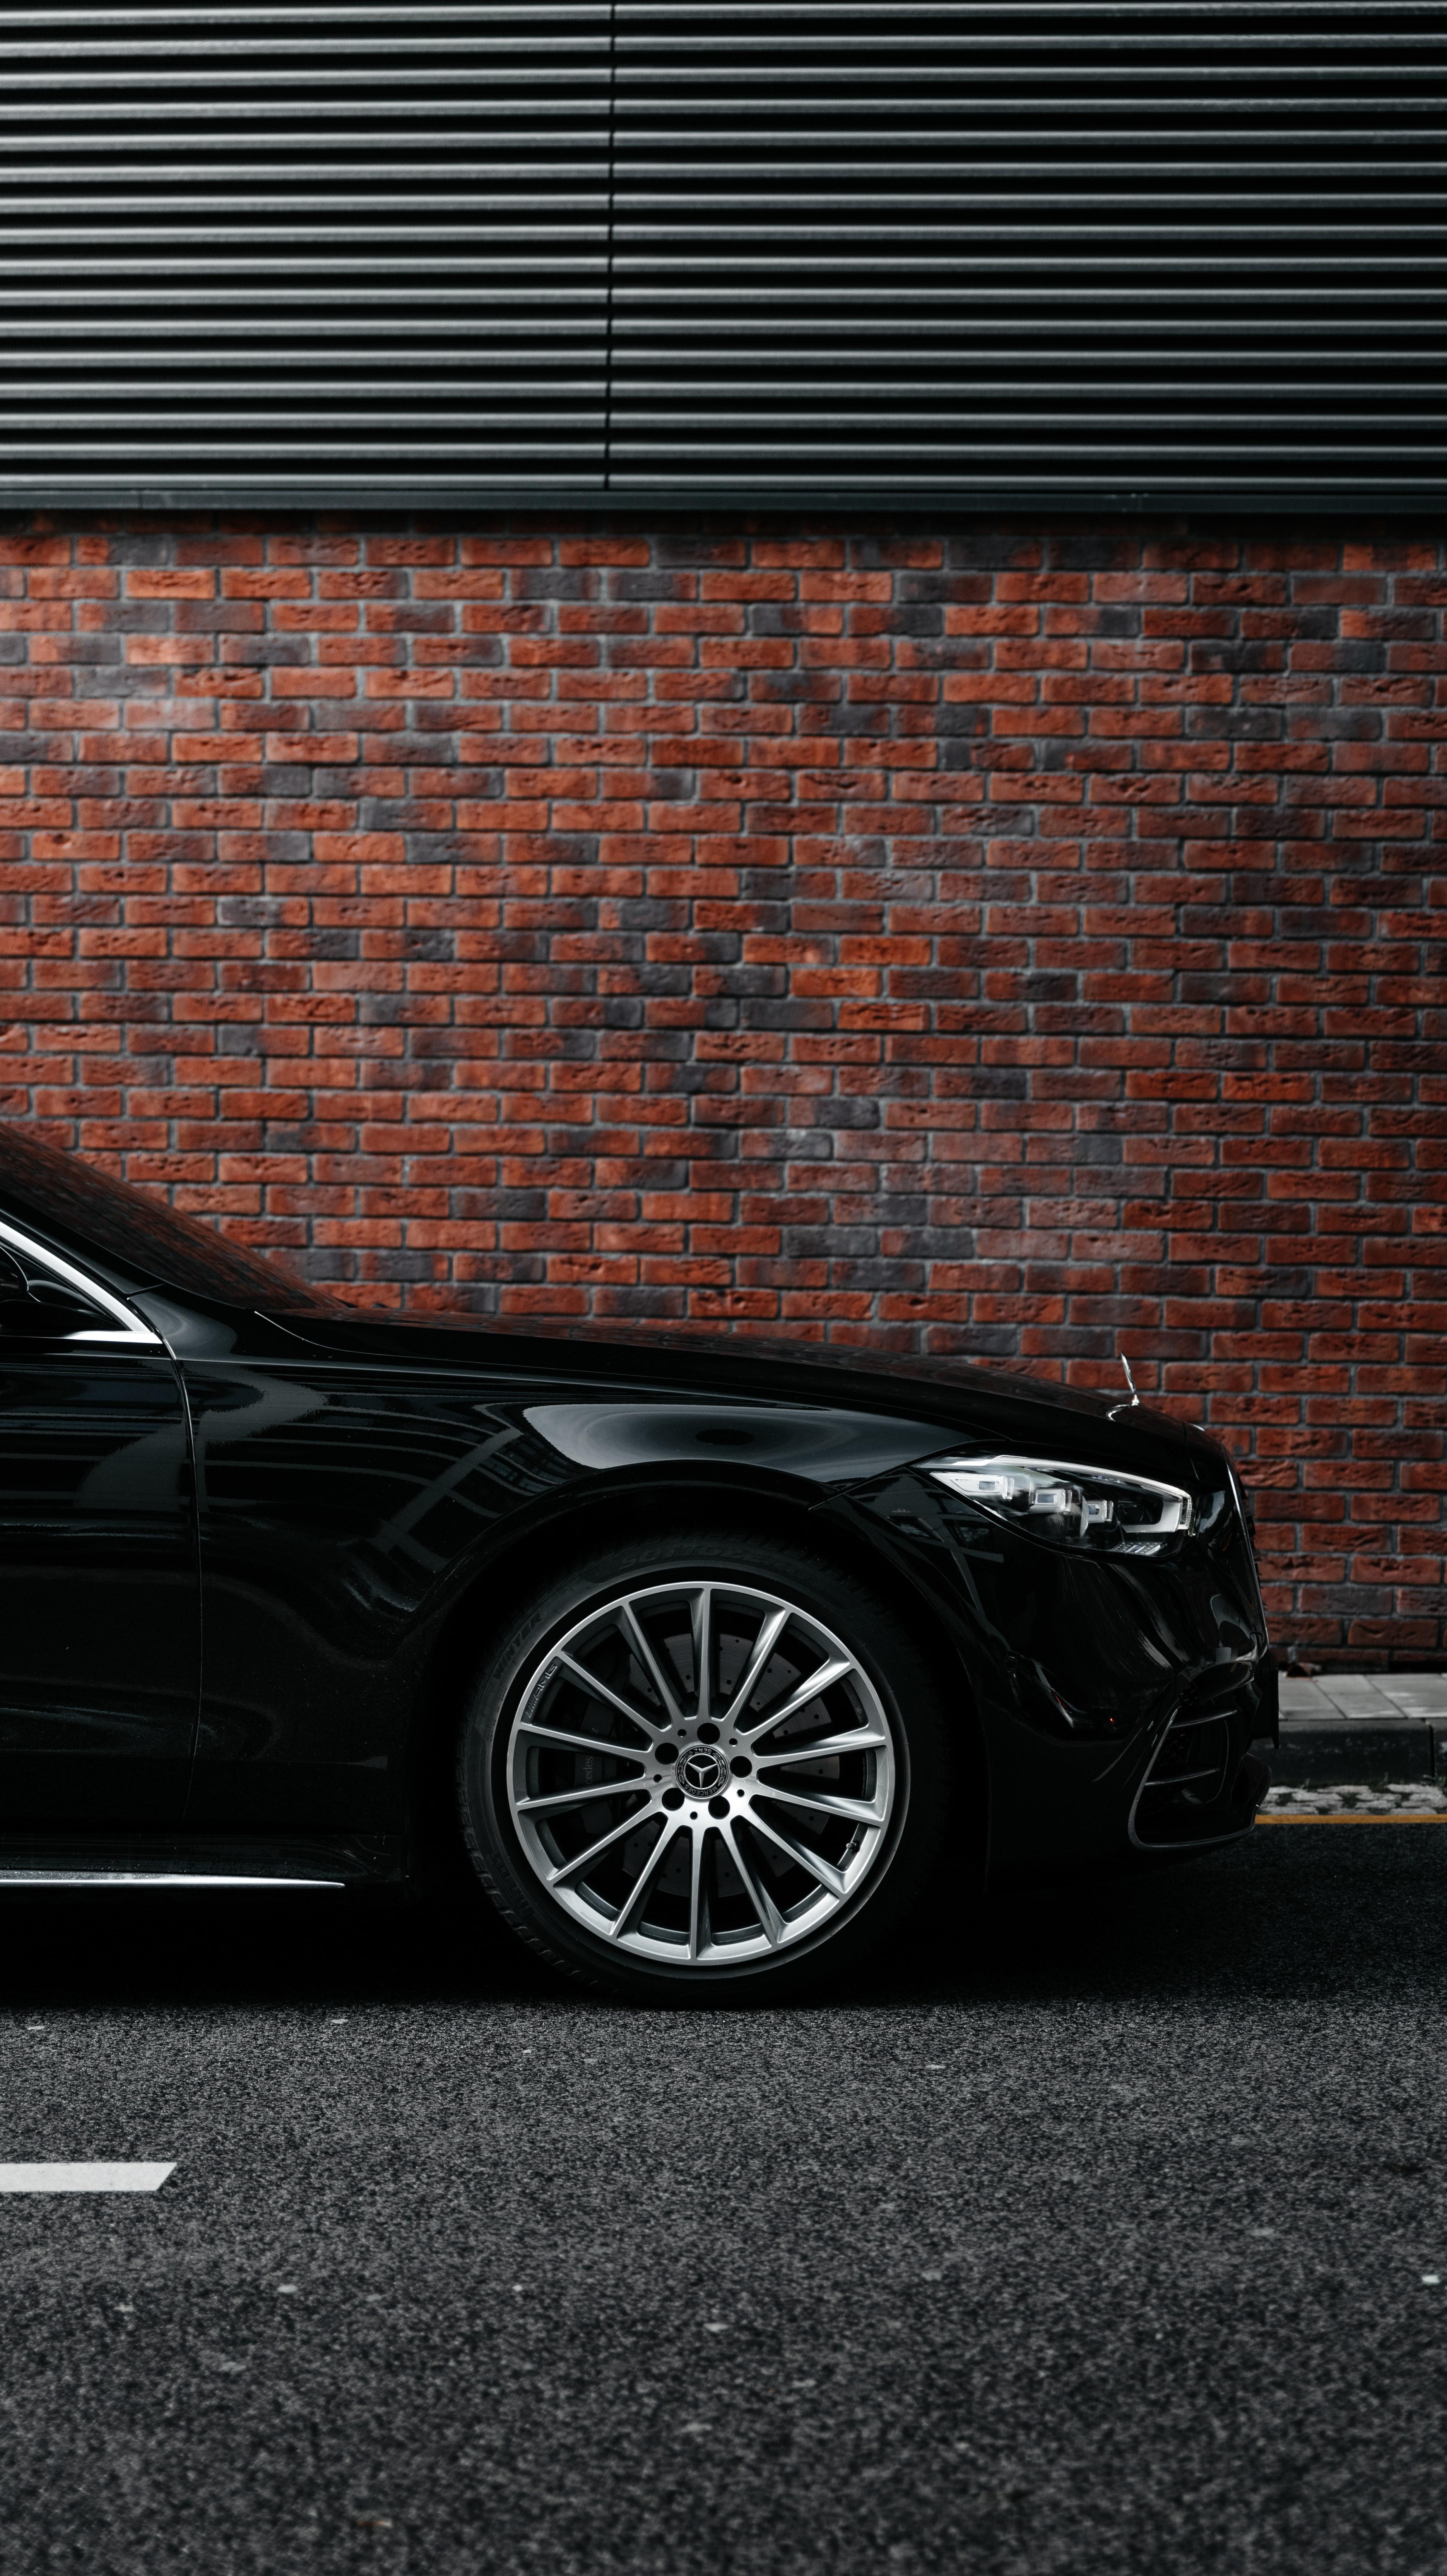 88512 Hintergrundbild herunterladen Auto, Mercedes, Cars, Wagen, Das Schwarze, Seitenansicht, Rad - Bildschirmschoner und Bilder kostenlos